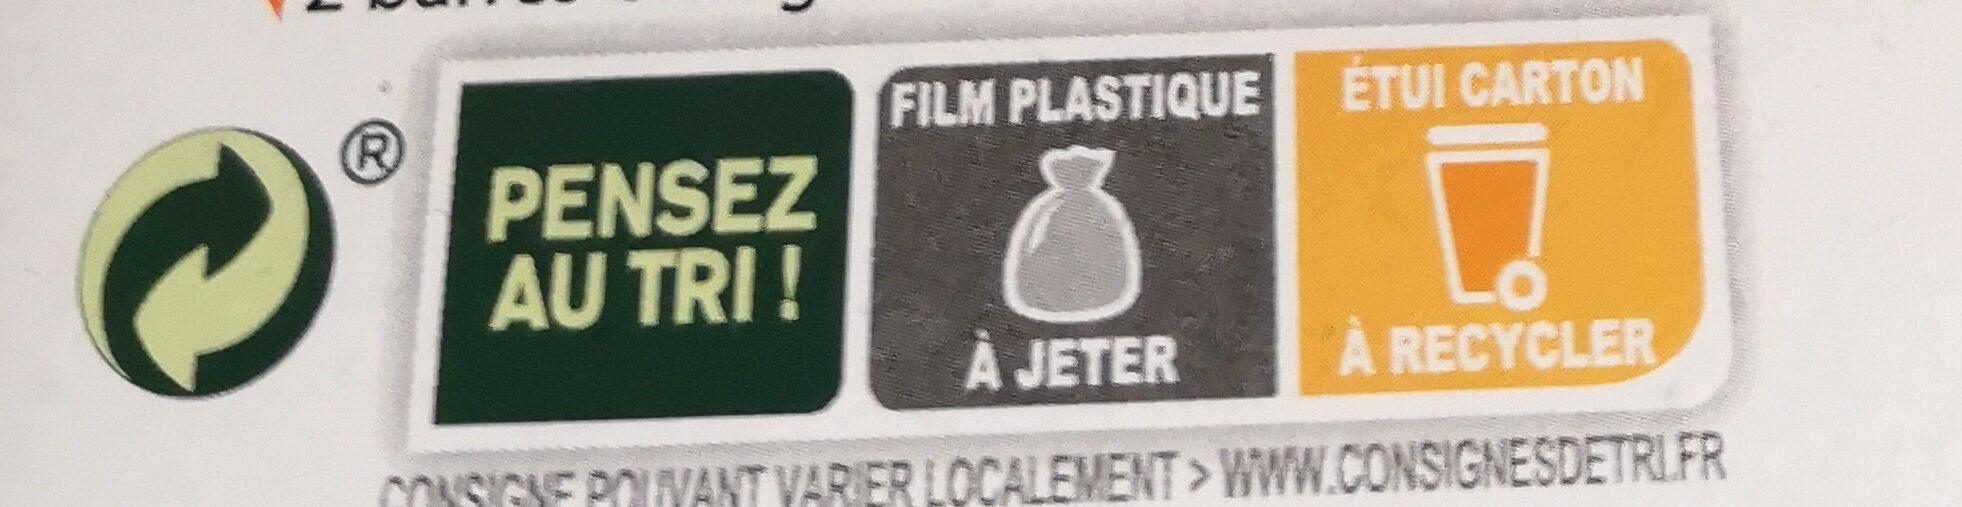 Pâtes de fruits - Istruzioni per il riciclaggio e/o informazioni sull'imballaggio - fr